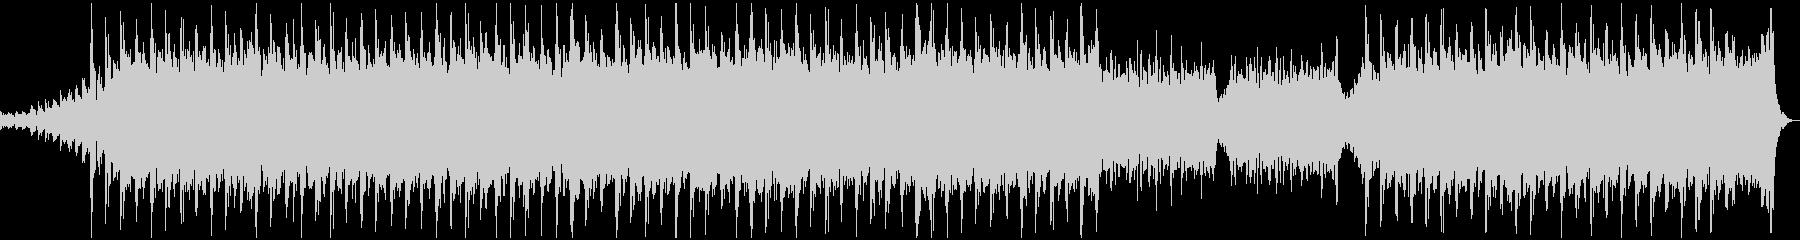 バグパイプ・ケルト・民族音楽・打楽器の未再生の波形